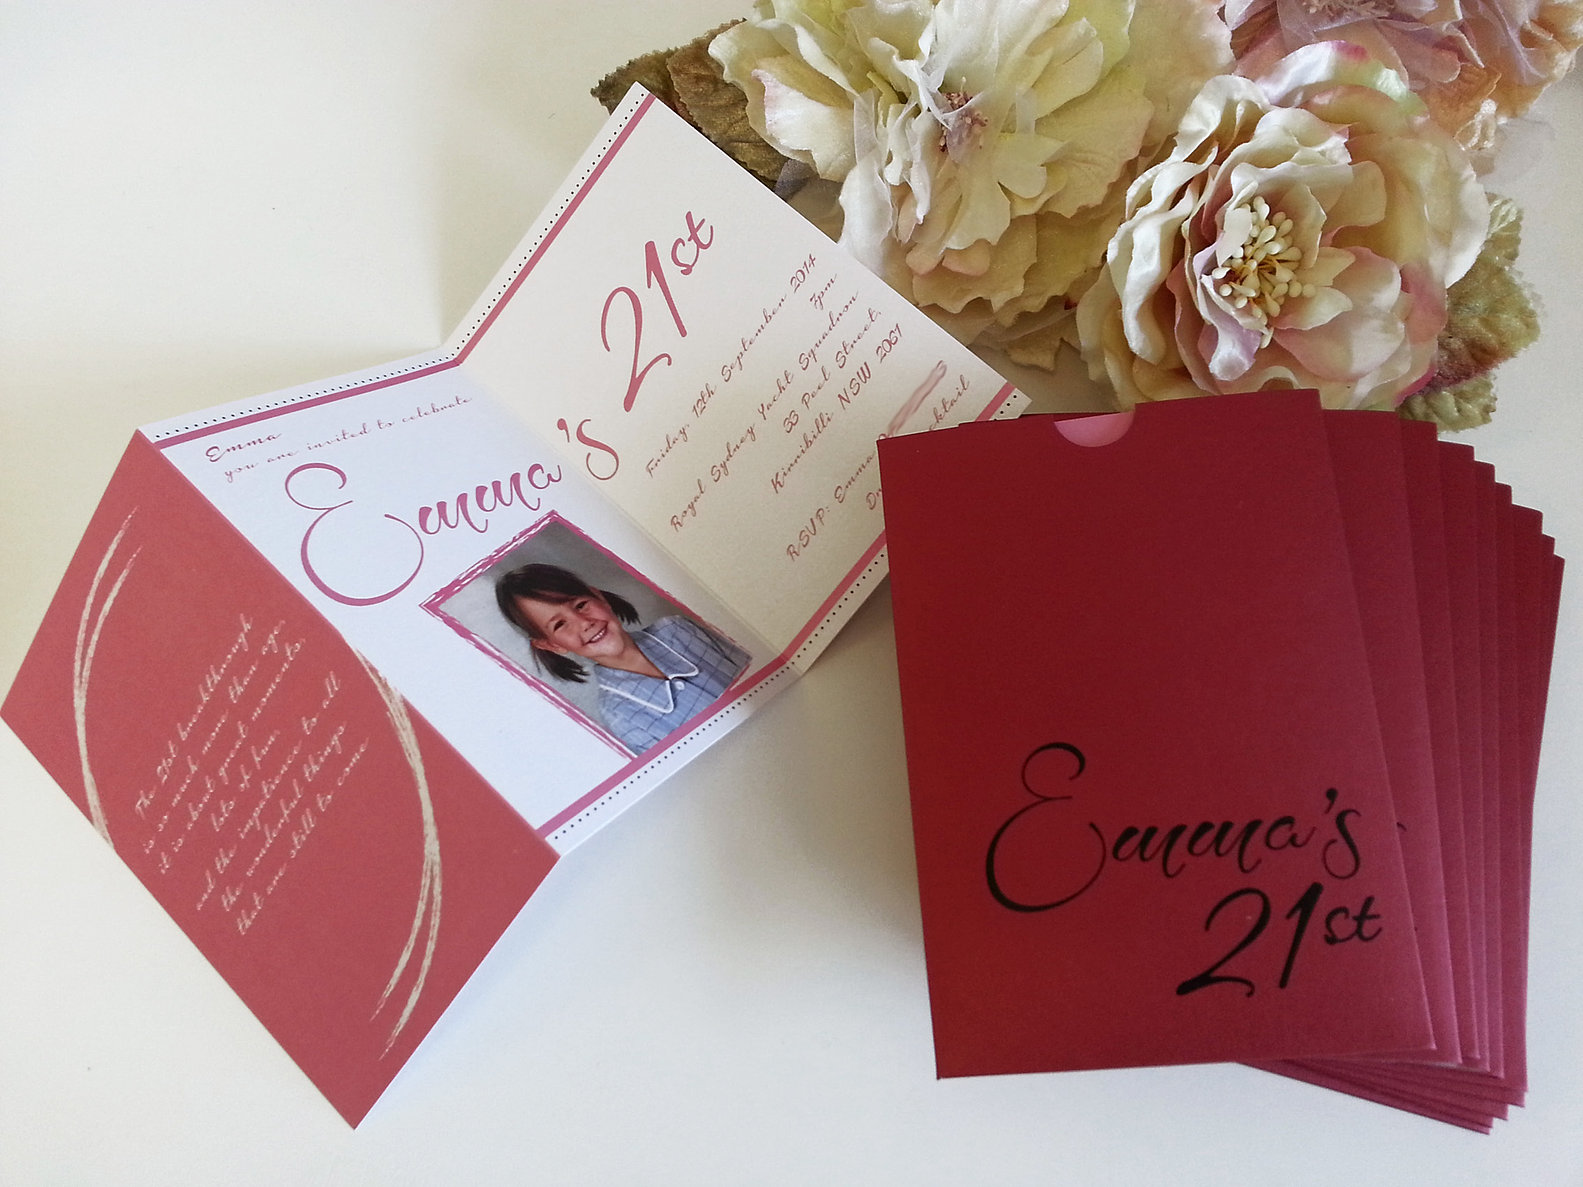 Wedding Invitation Shops Sydney: Birthday Invitations And Anniversary Invitations Sydney